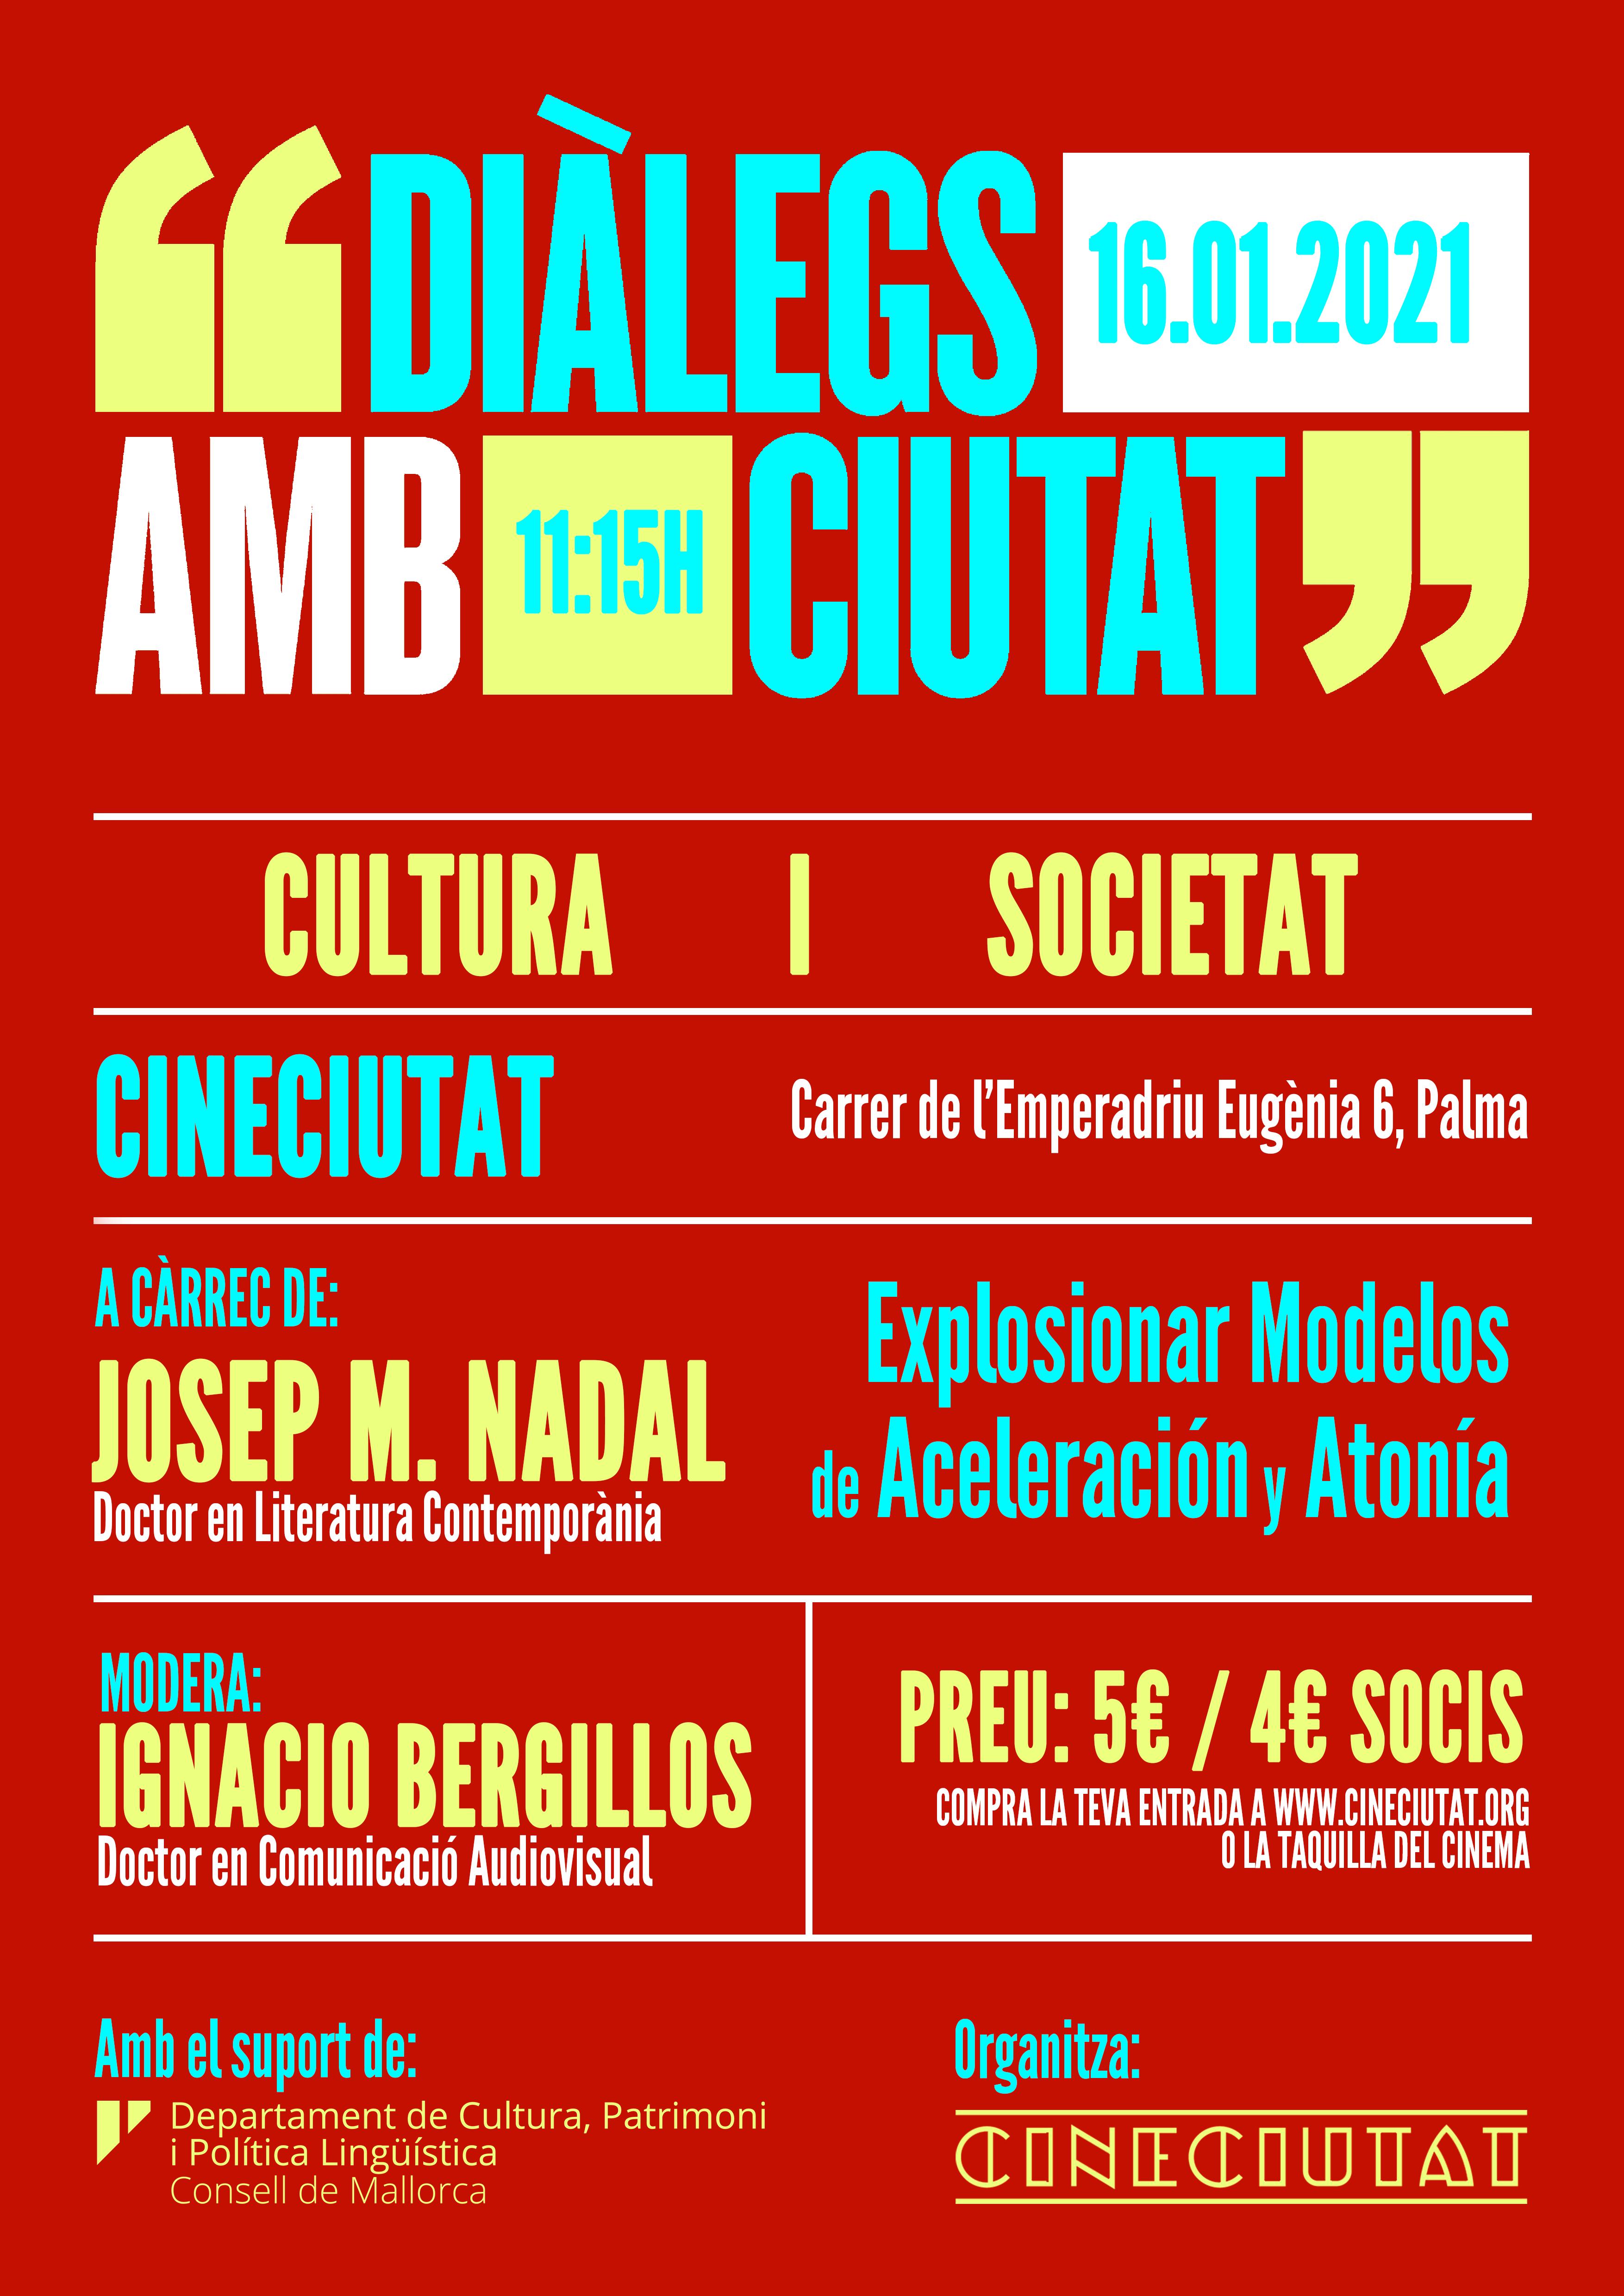 DialegsAmbCiutat1_12-01_Poster_v2_CAT.png